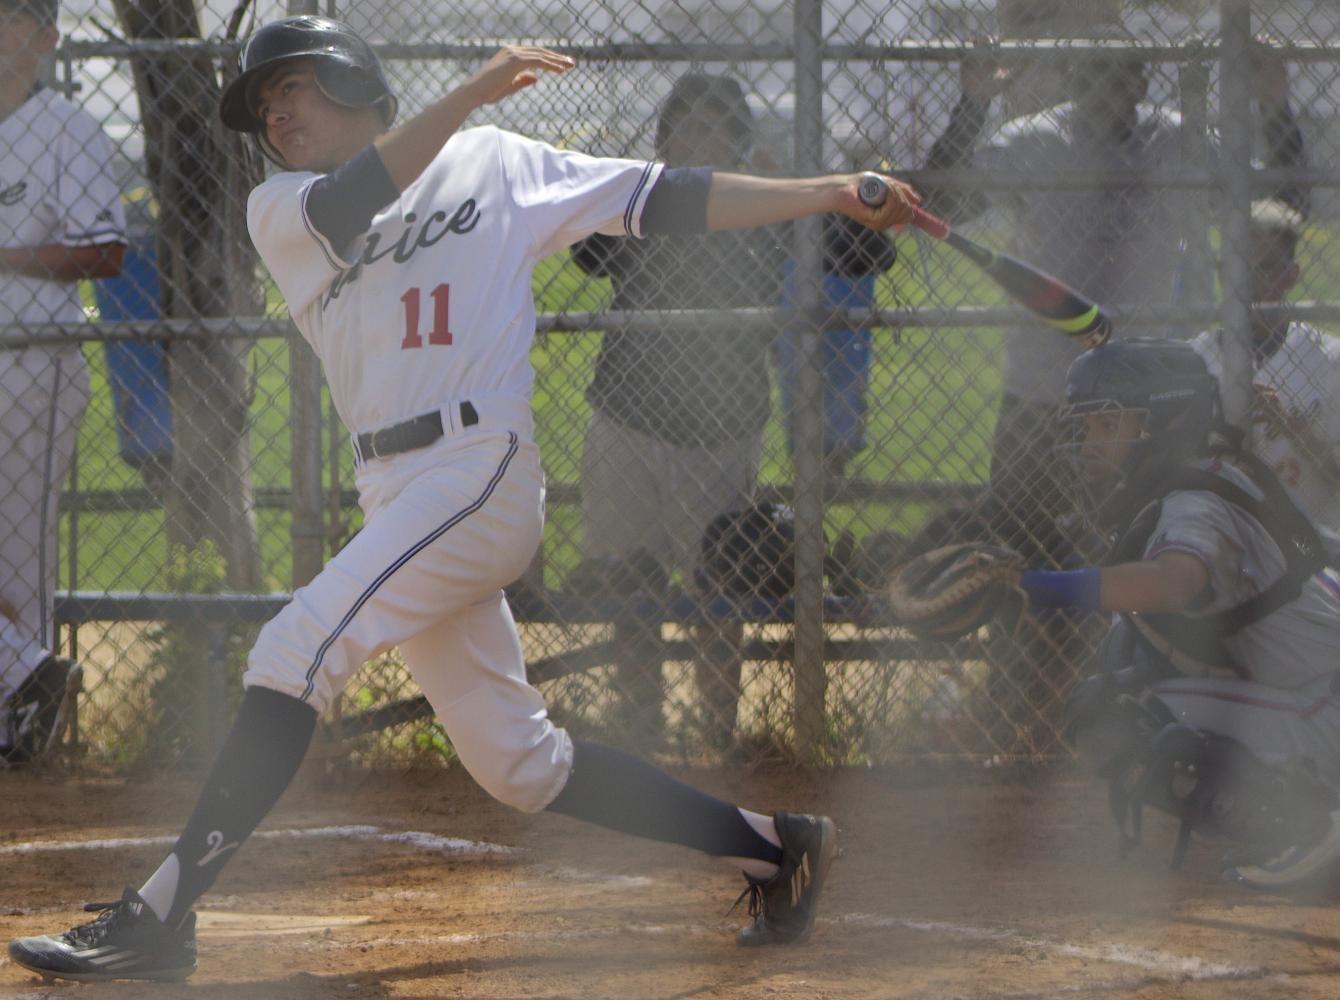 Baseball+Season+Coming+to+an+End